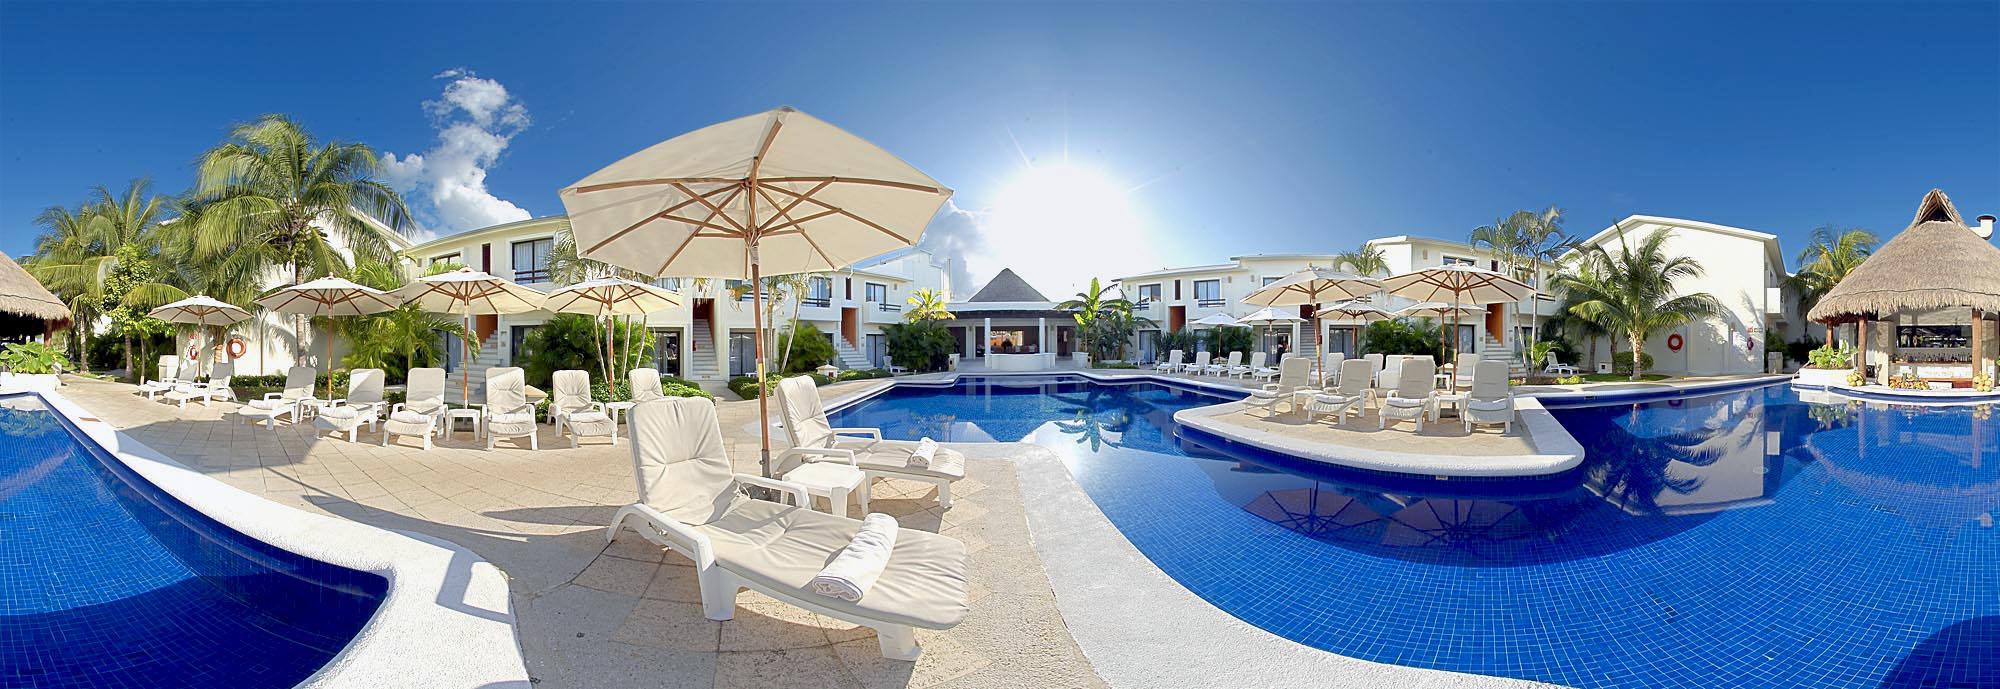 Laguna Suite Cancun Somos Orlando Florida